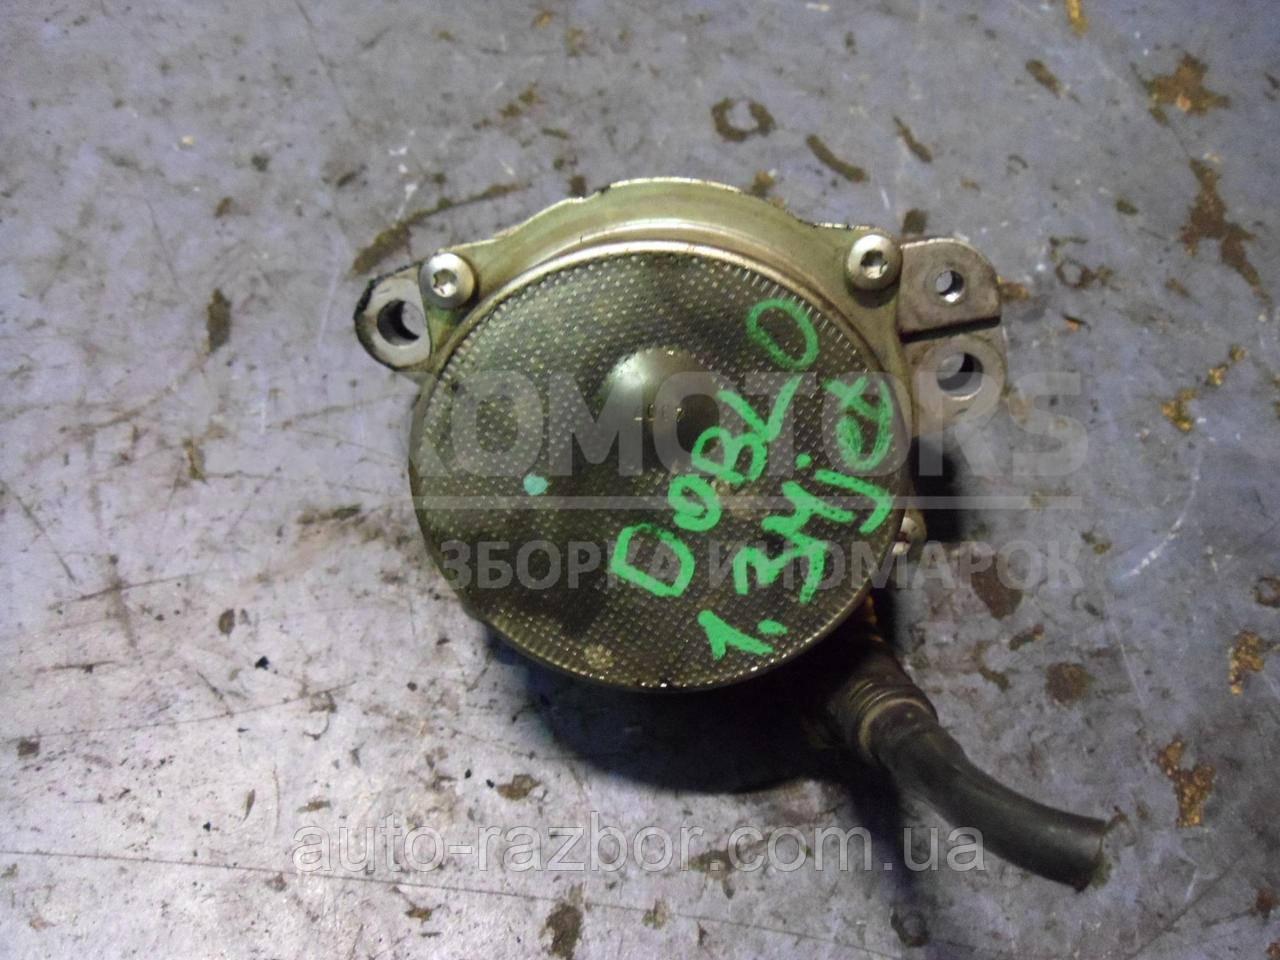 Вакуумный насос Fiat Doblo 1.3MJet 2000-2009 73501167 50628